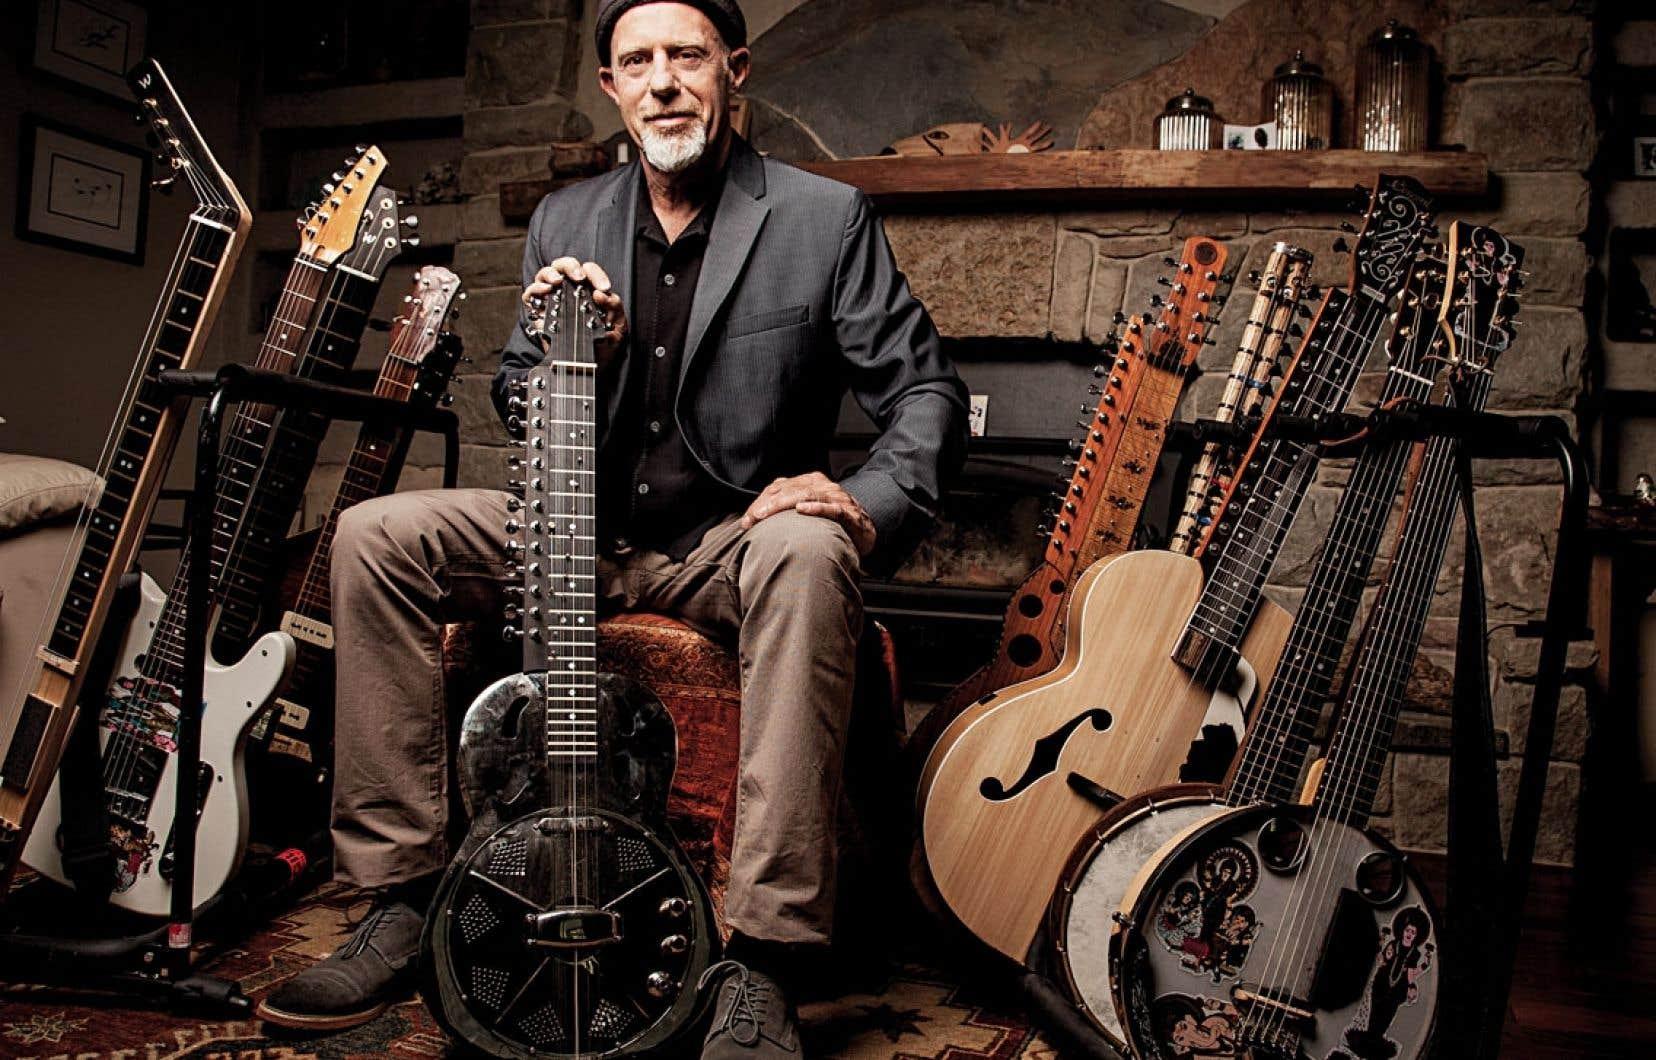 Revoici Harry Manx à Montréal, du 26 au 28juin, pour un vrai festival de cordes avec son croisement de blues et de musique indienne, son banjo, sa guitare construite avec une boîte à cigares et quelques instruments hybrides.